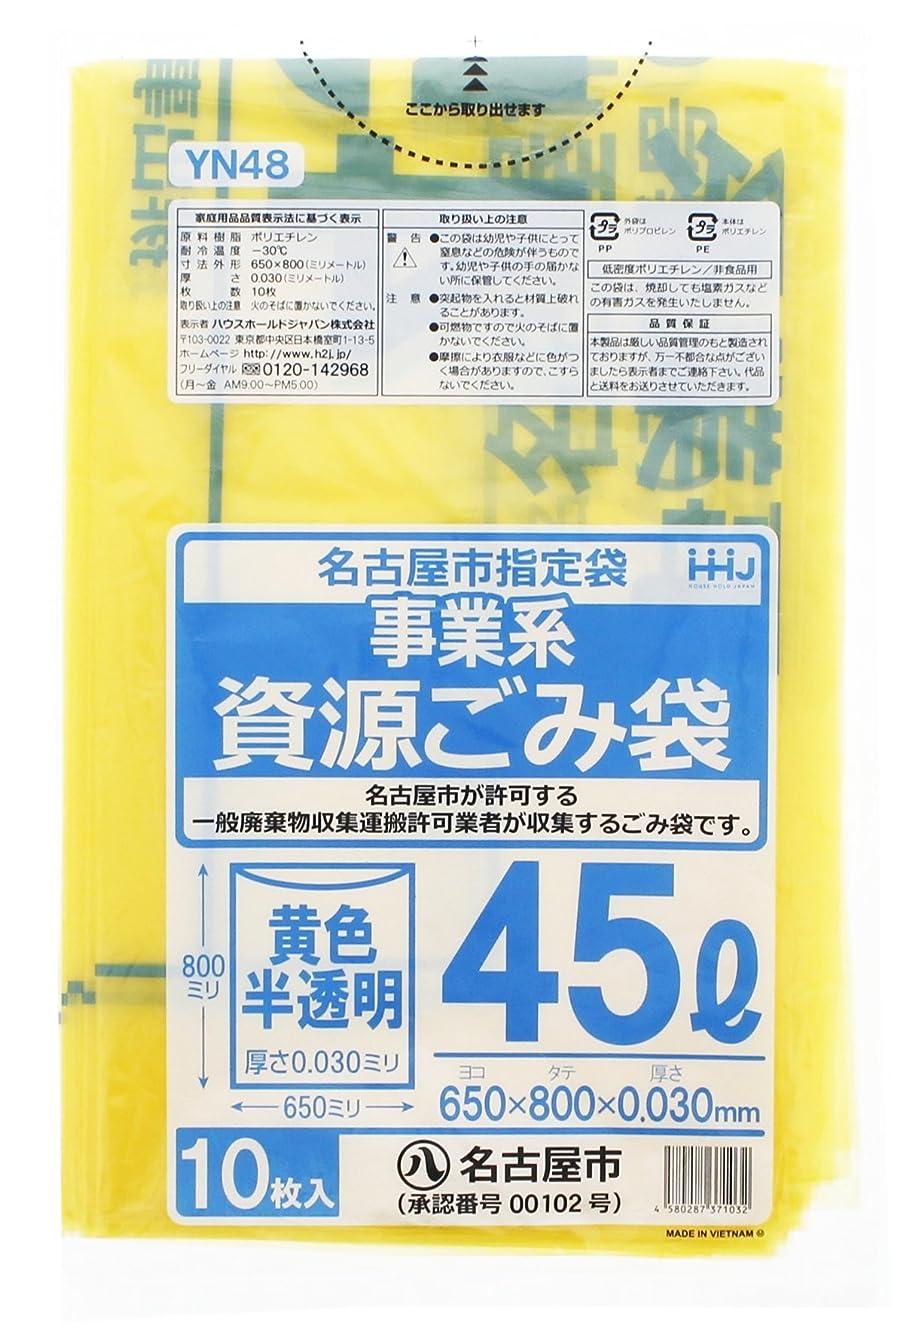 つかの間図しなやかハウスホールドジャパン ゴミ袋 ゴミ箱用アクセサリ 黄色 半透明 45L 名古屋市指定袋(事業系 資源) YN48 10枚入 60個セット